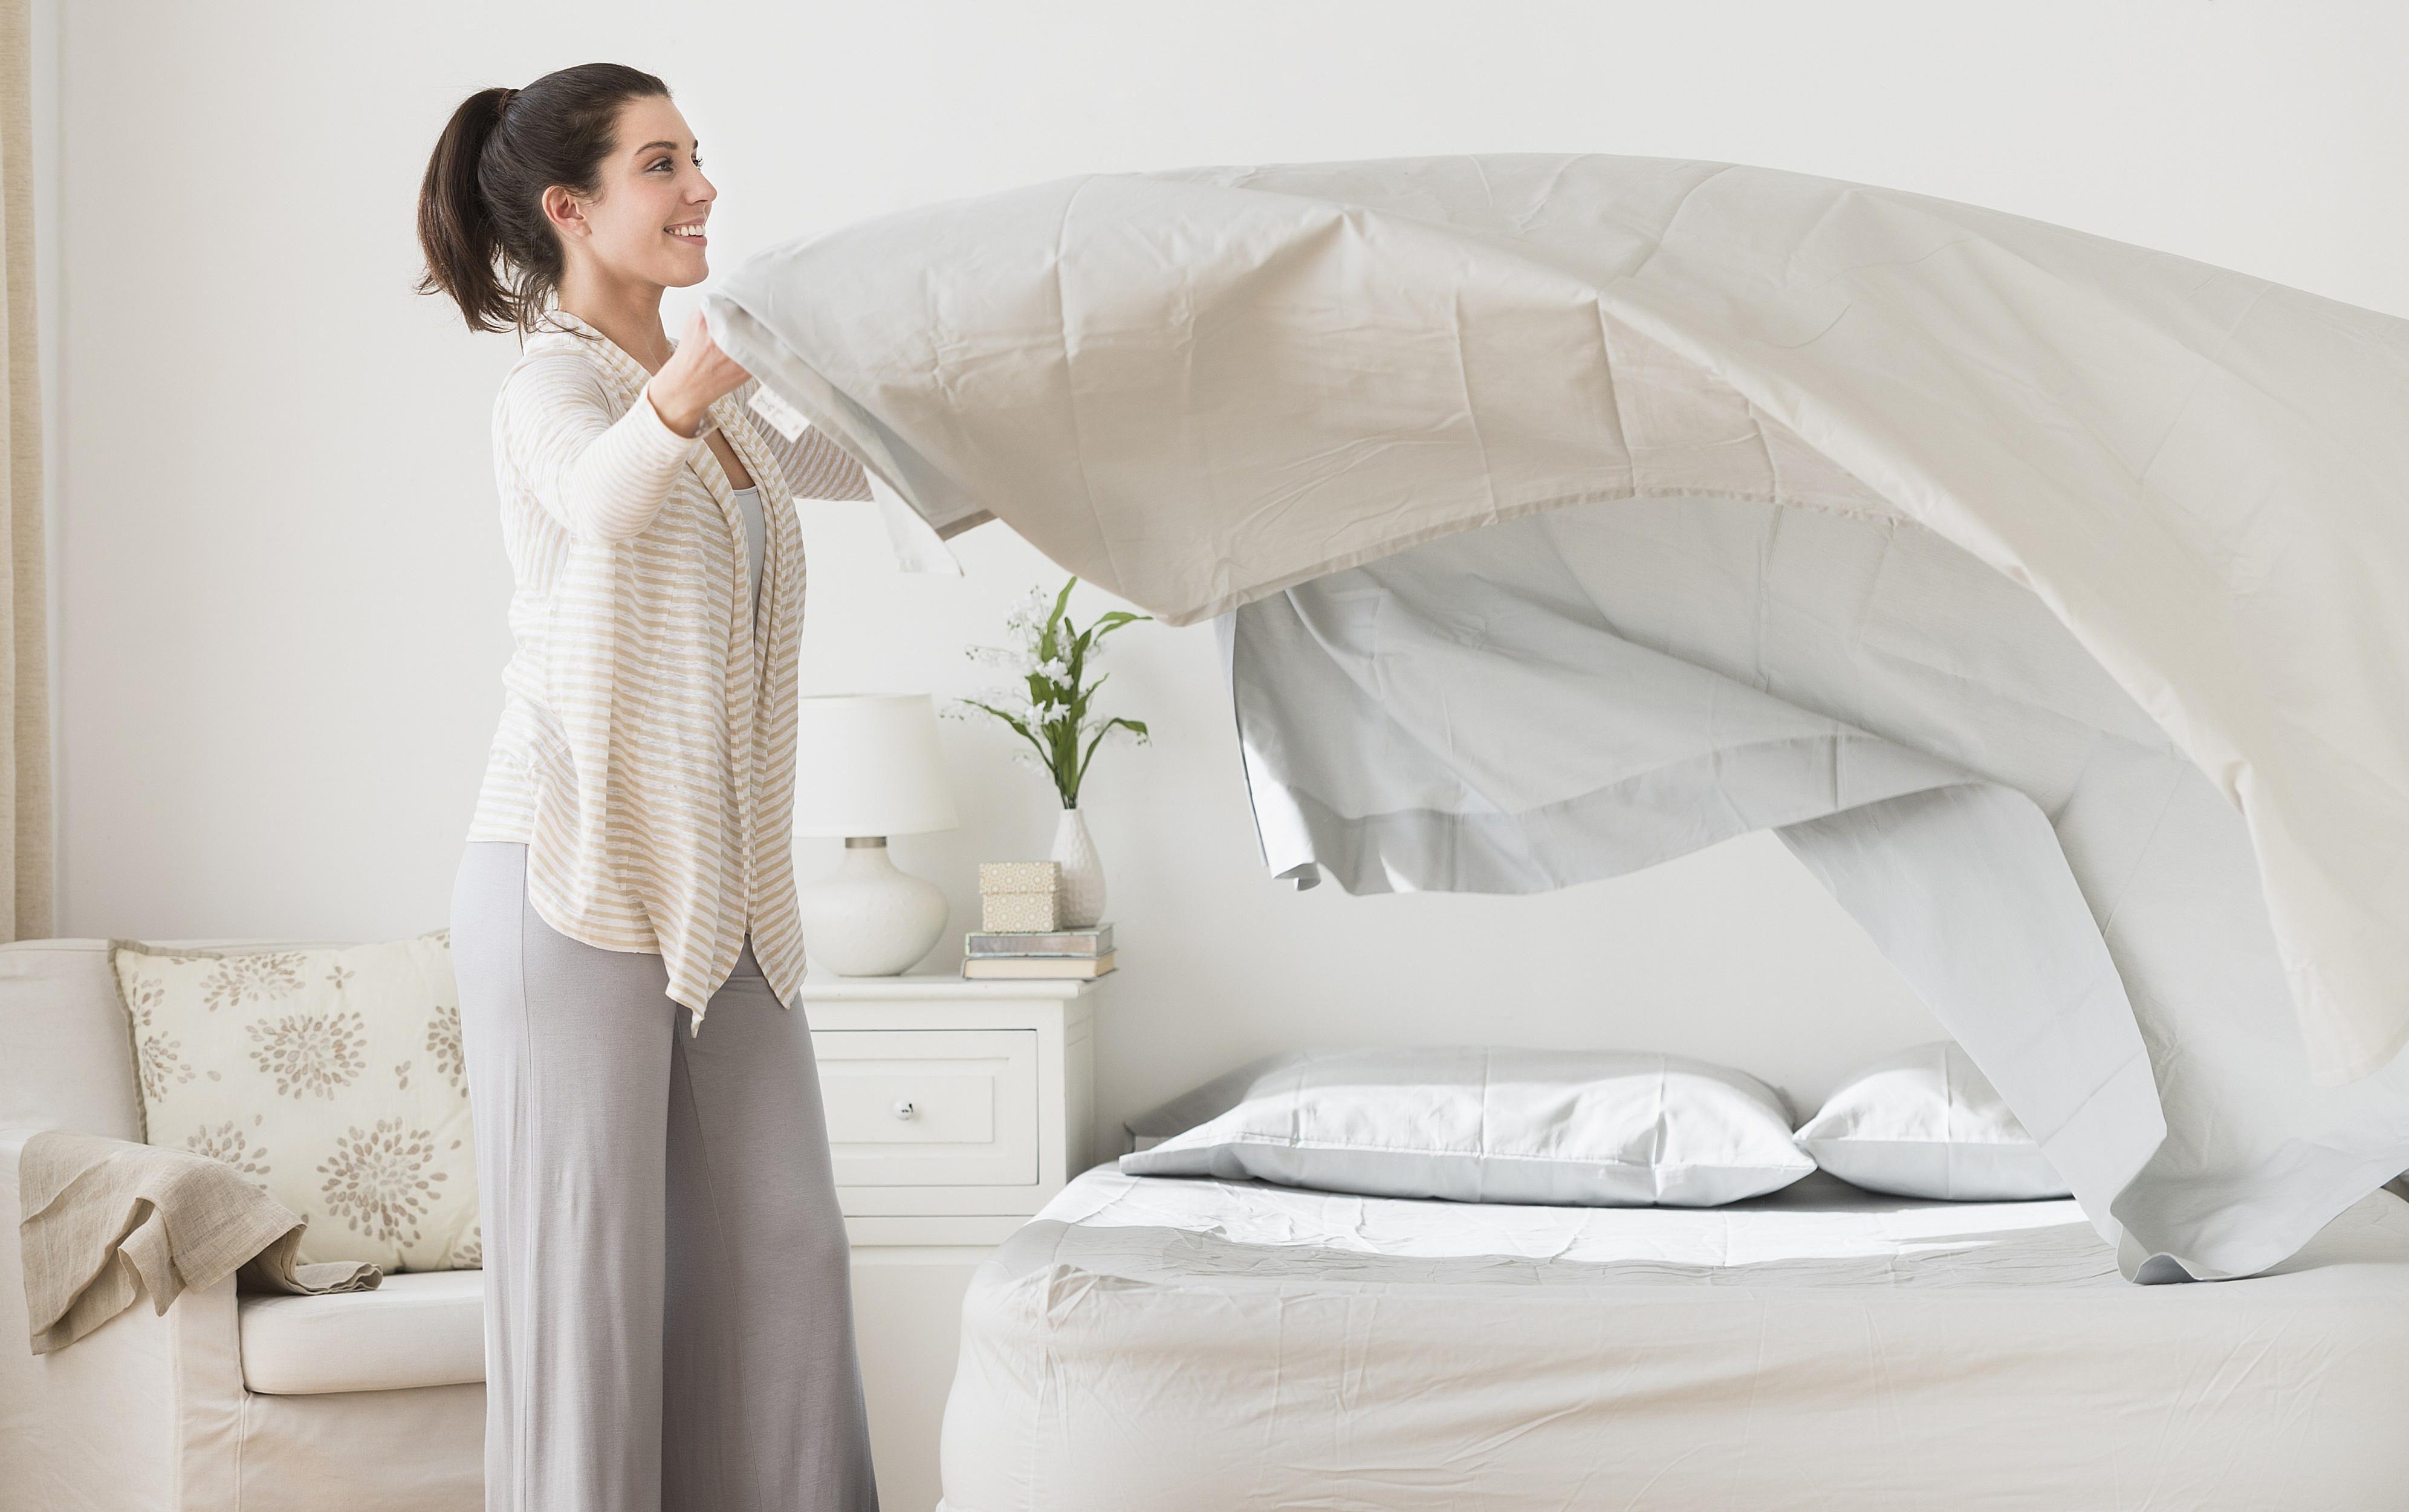 فواید یک تختخواب نامرتب